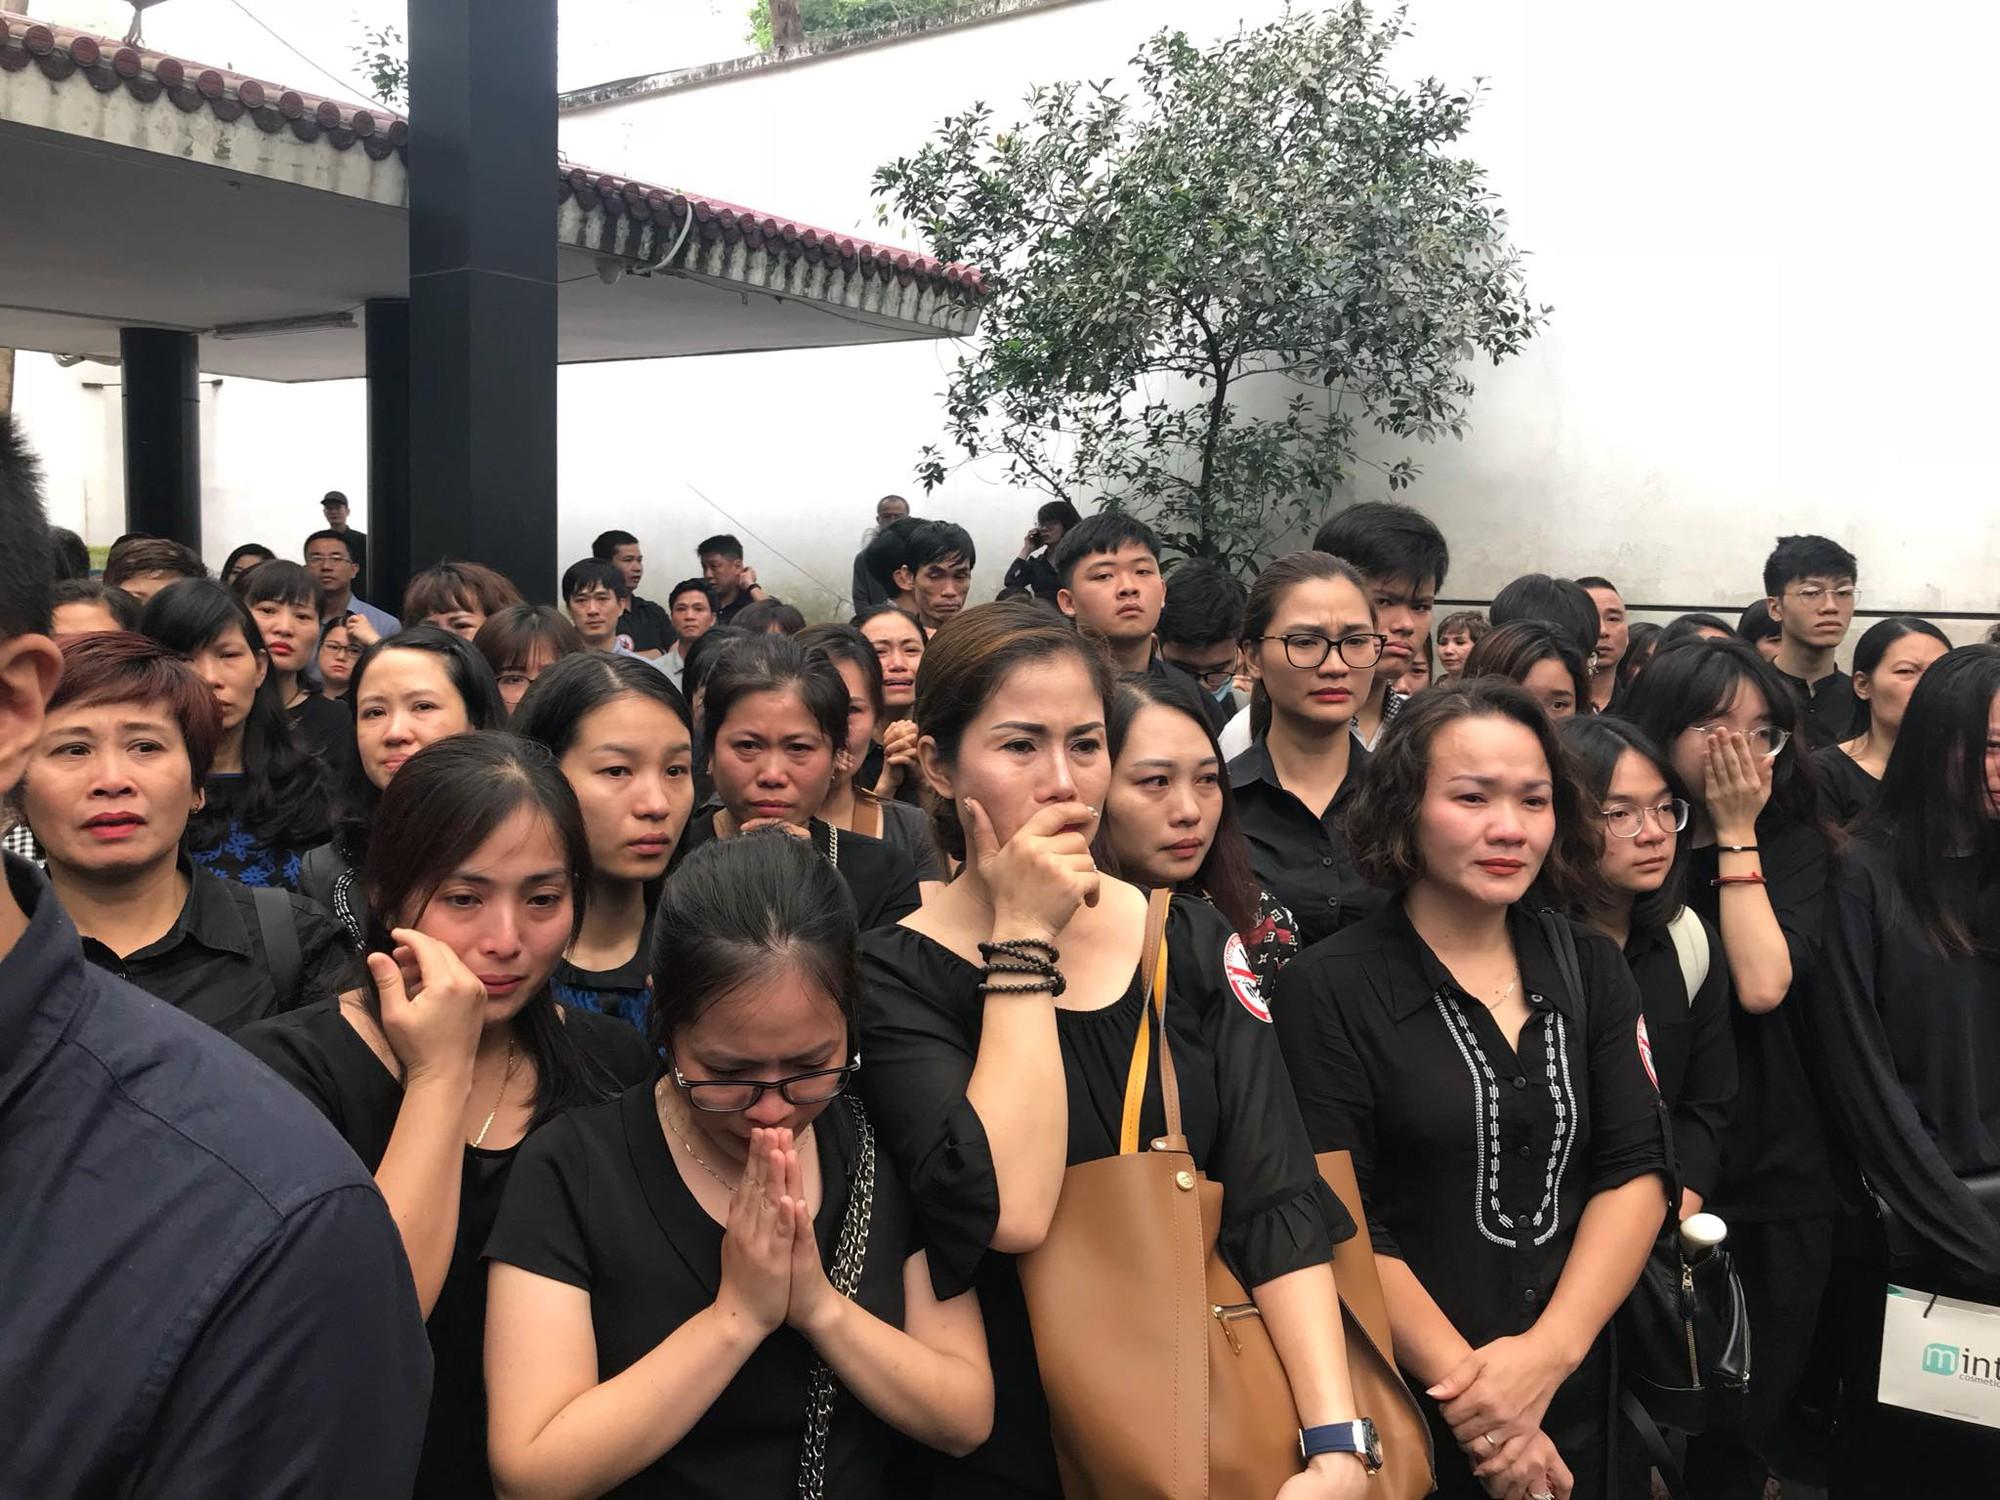 Vụ cô giáo tiểu học bị lái xe say rượu tông tử vong ở hầm Kim Liên: Những lời tiễn biệt xúc động nơi sổ tang  - Ảnh 4.